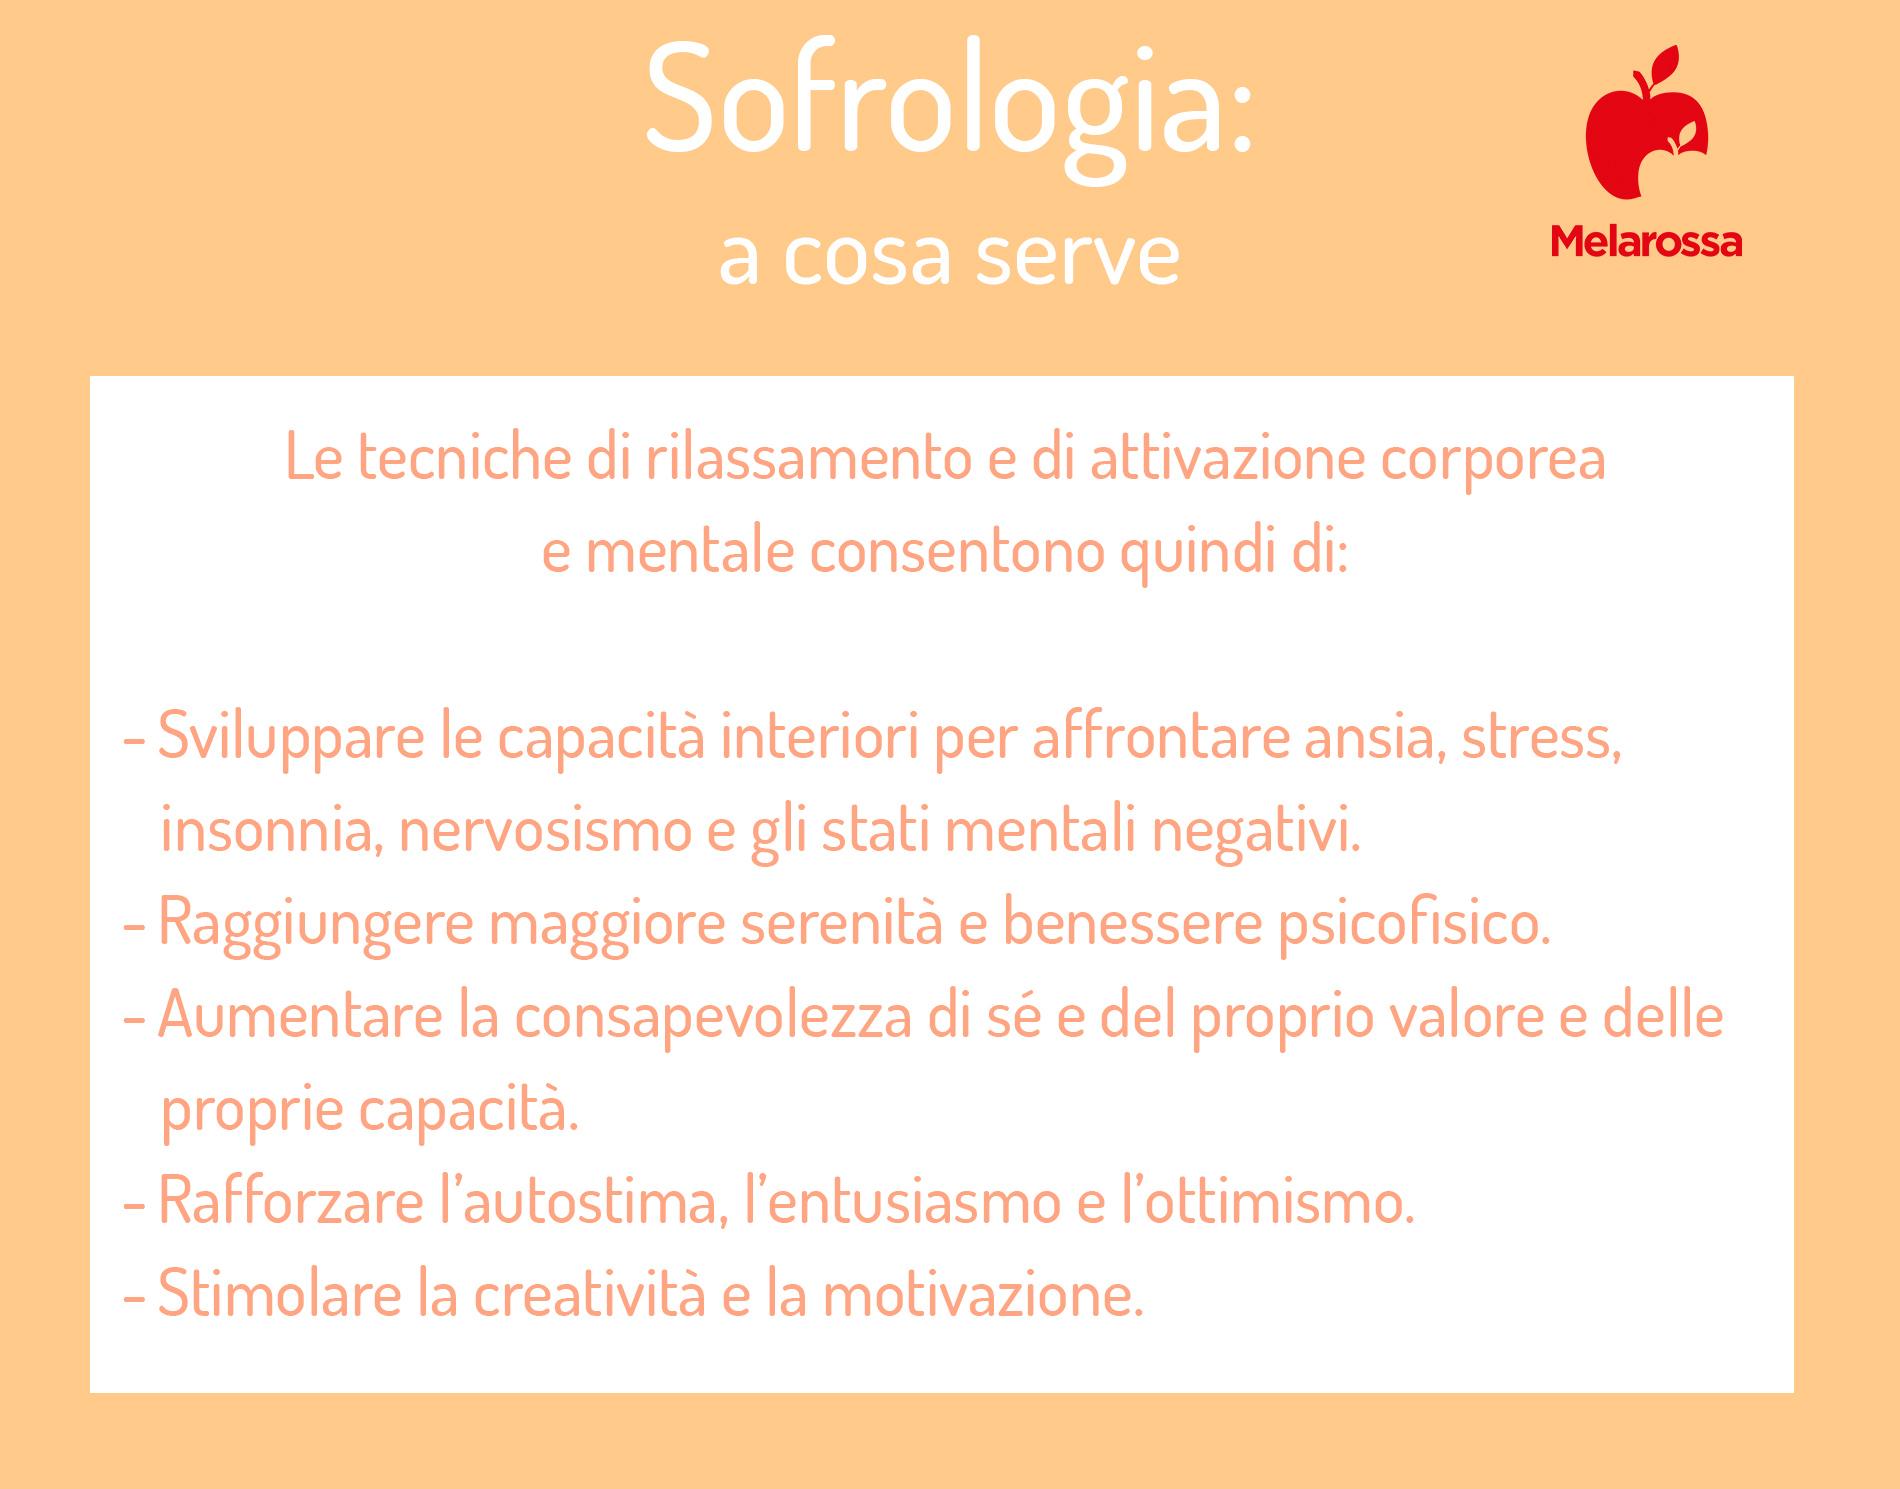 sofrologia: a cosa serve